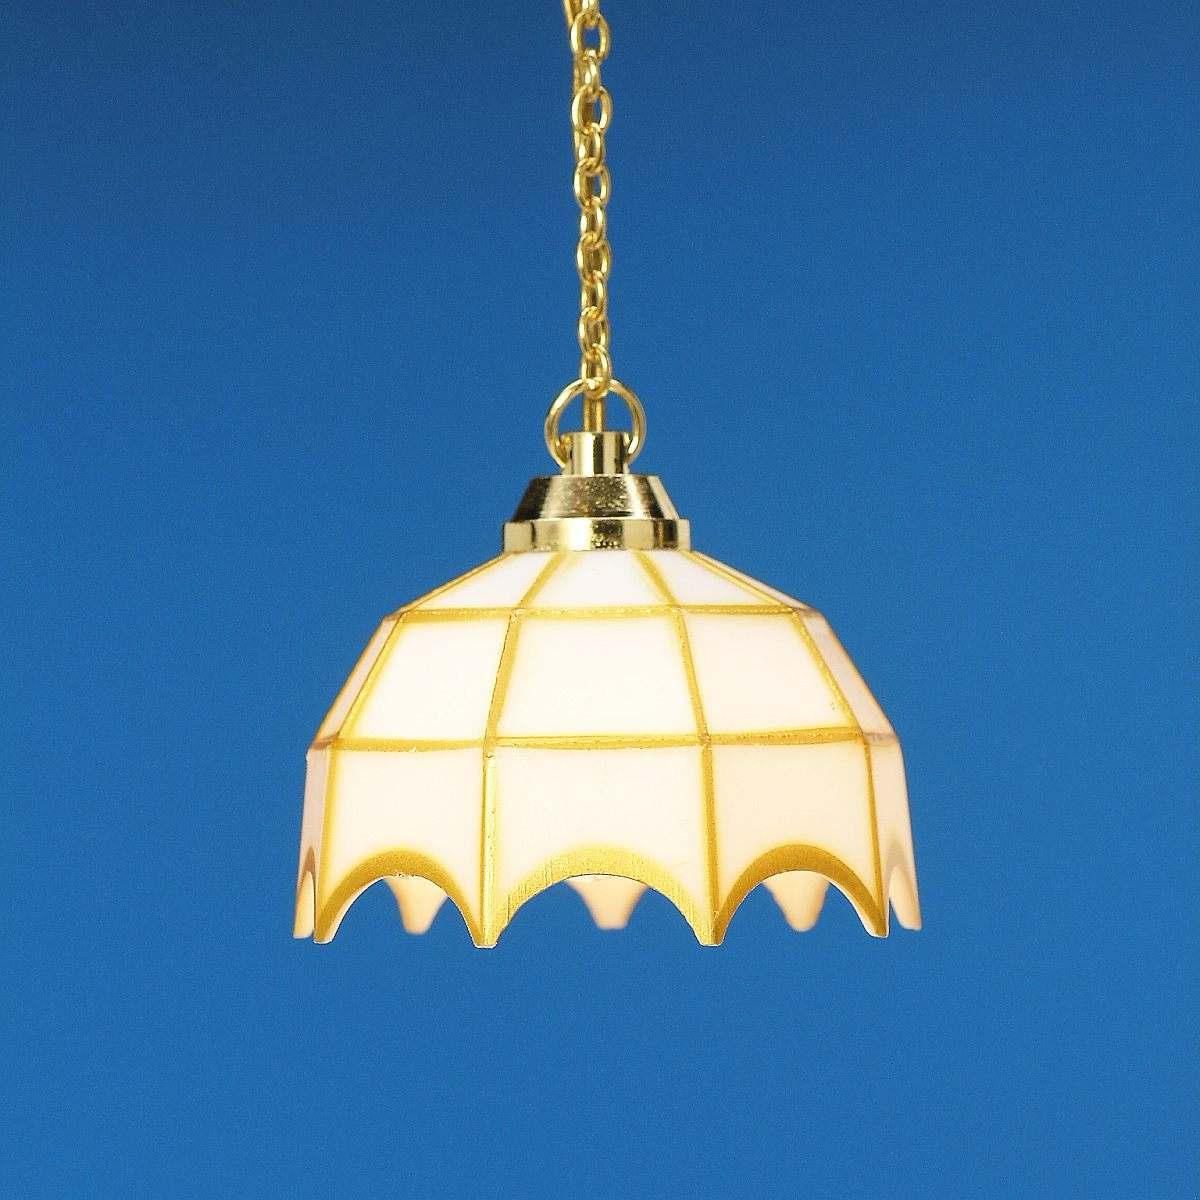 Decken-Hängelampe Tiffany, MiniLux